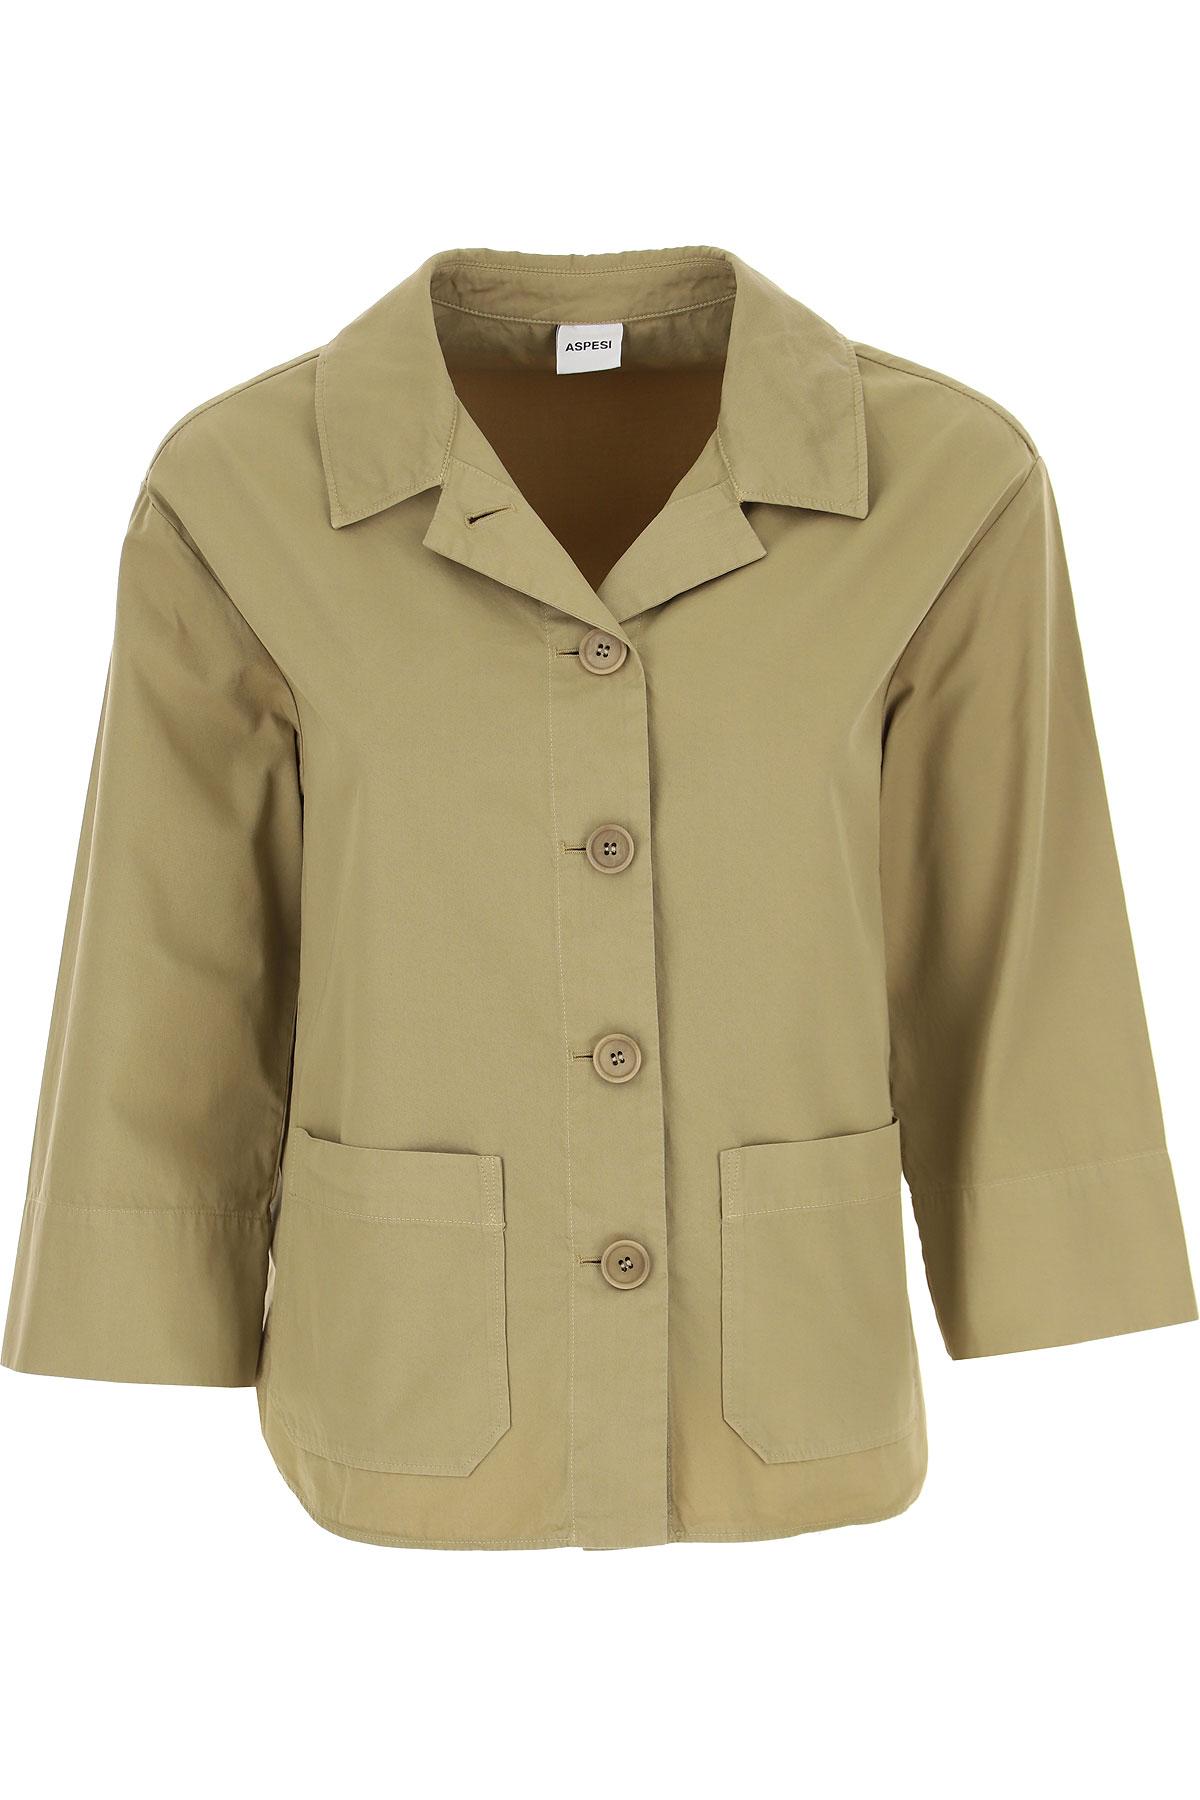 Aspesi Jacket for Women On Sale, Fern Green, Cotton, 2019, 4 6 8